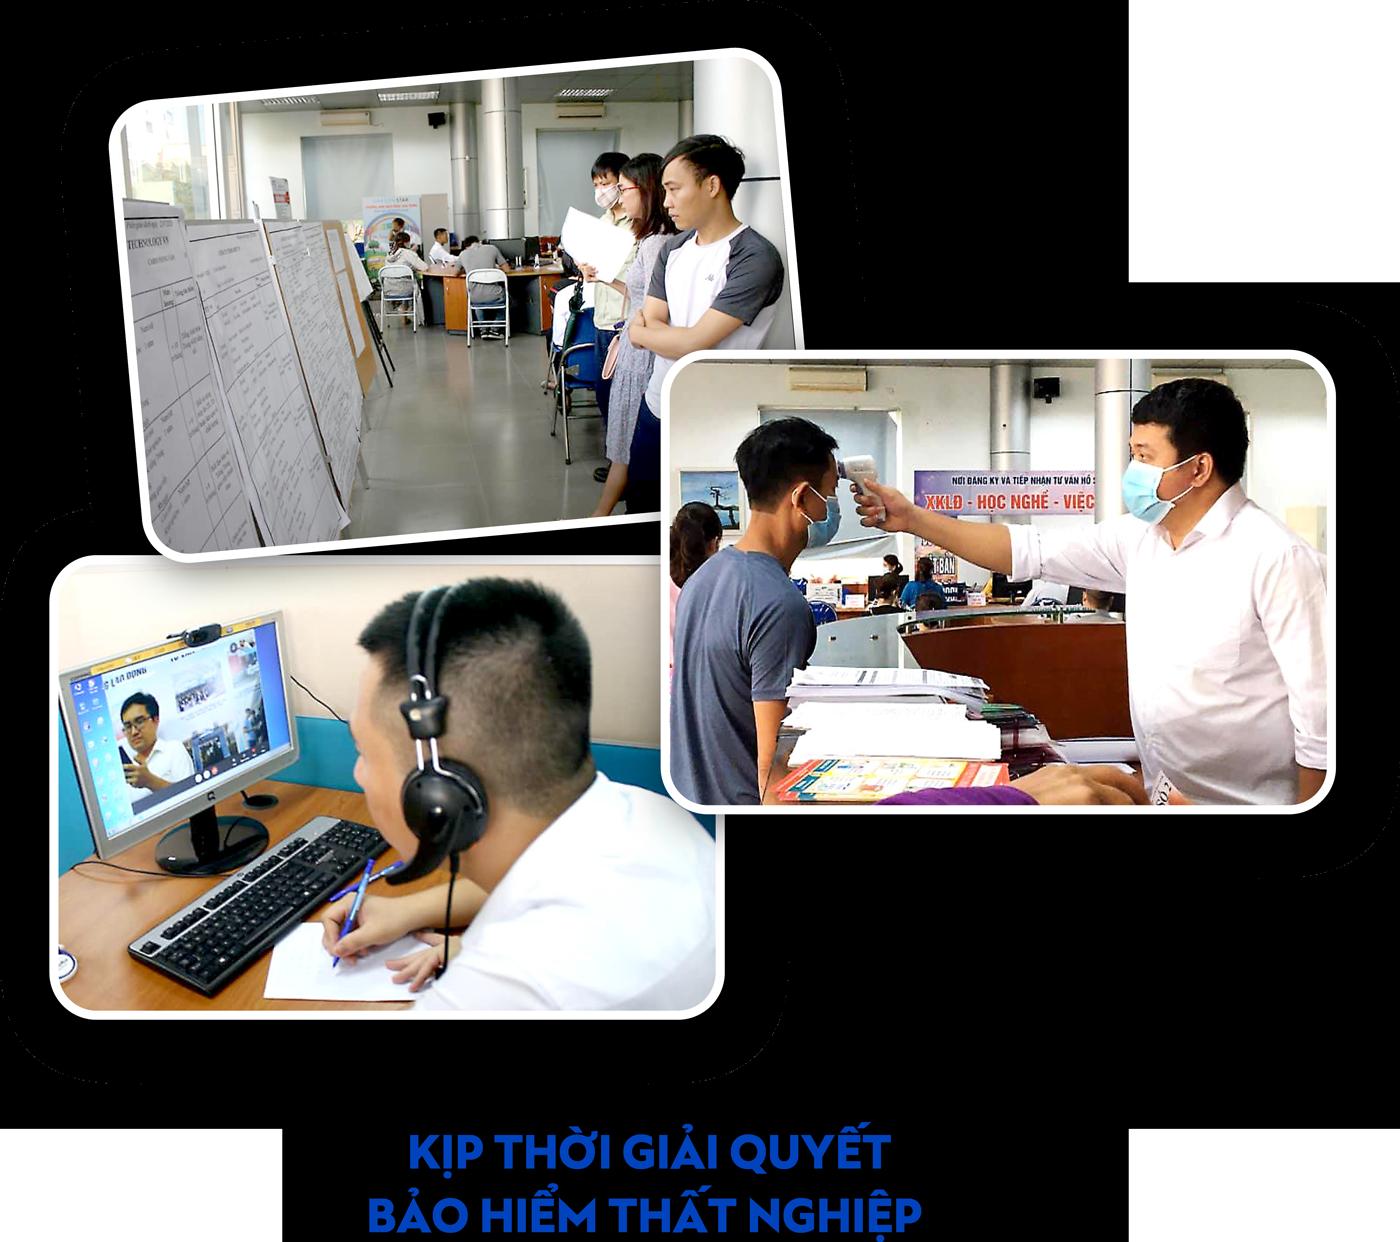 Linh hoạt tuyển dụng lao động để ứng phó với dịch Covid-19 - Ảnh 5